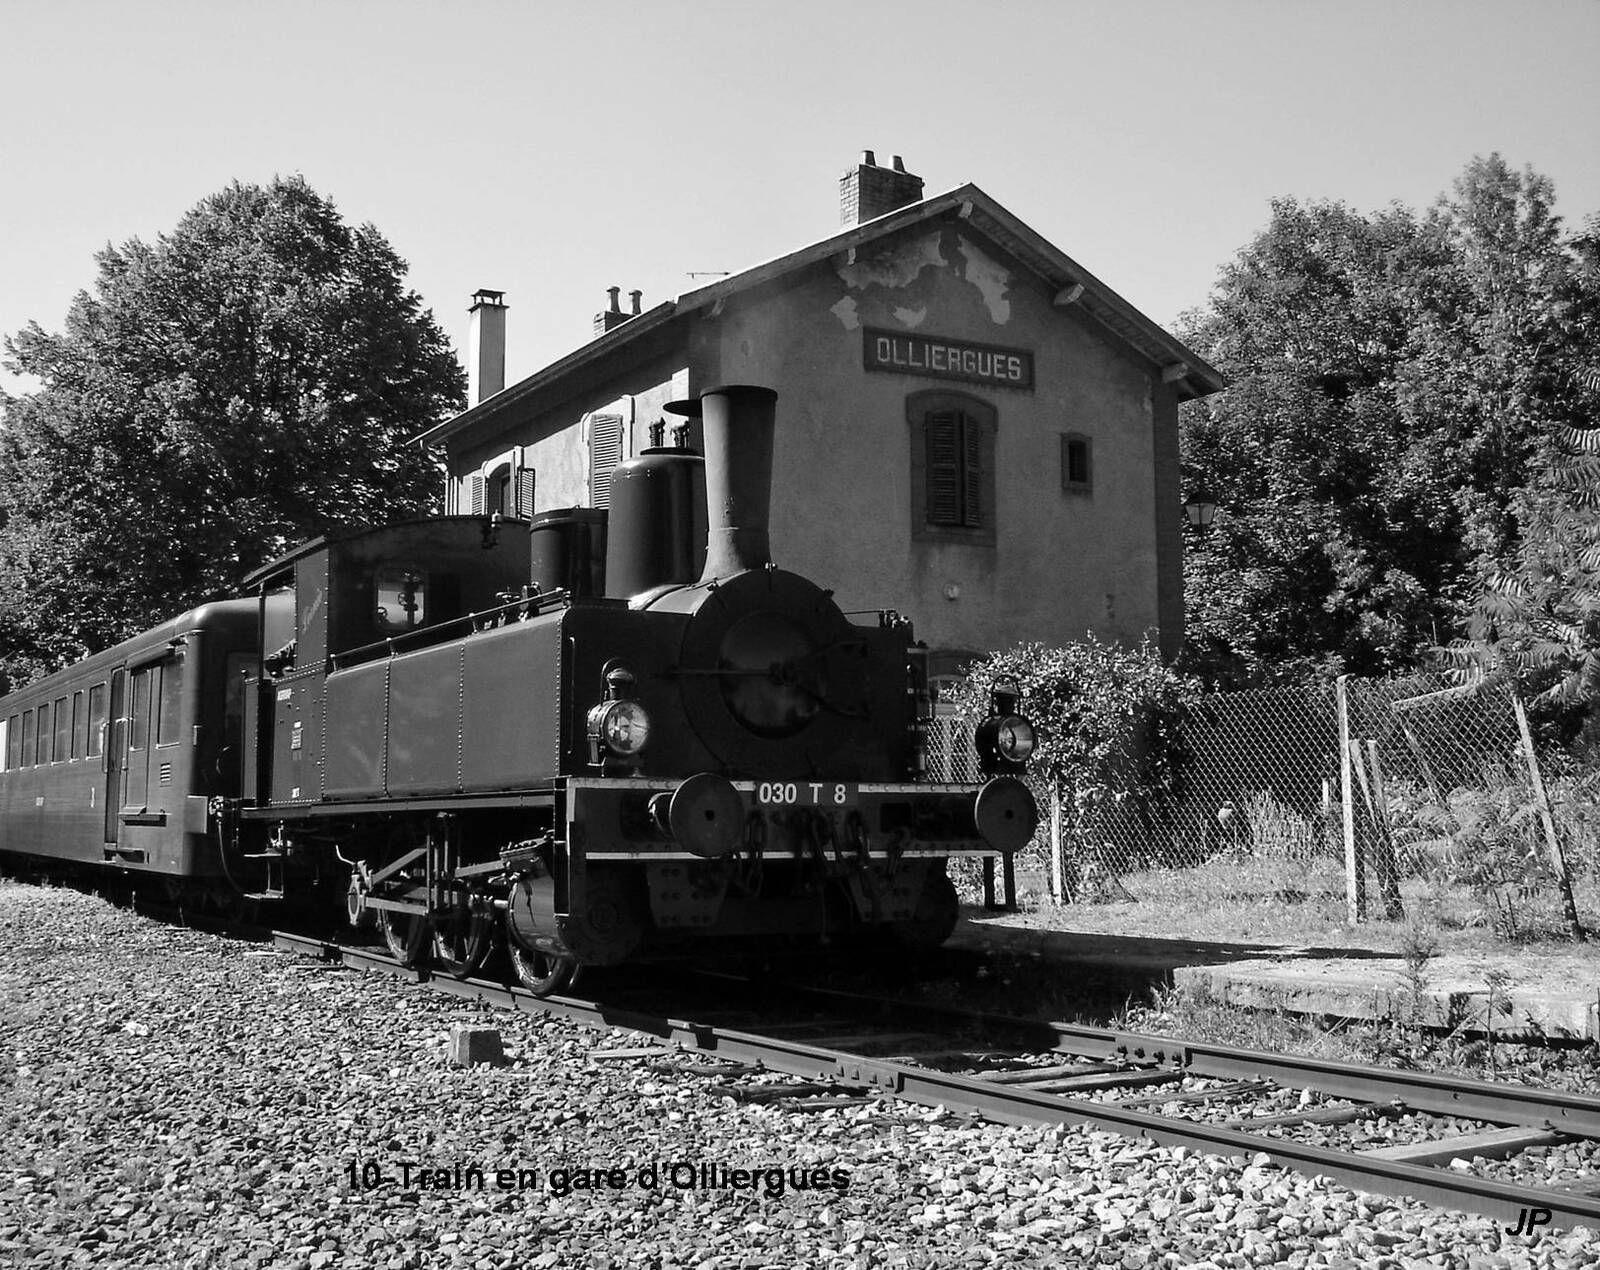 Accident de chemin de fer à Olliergues